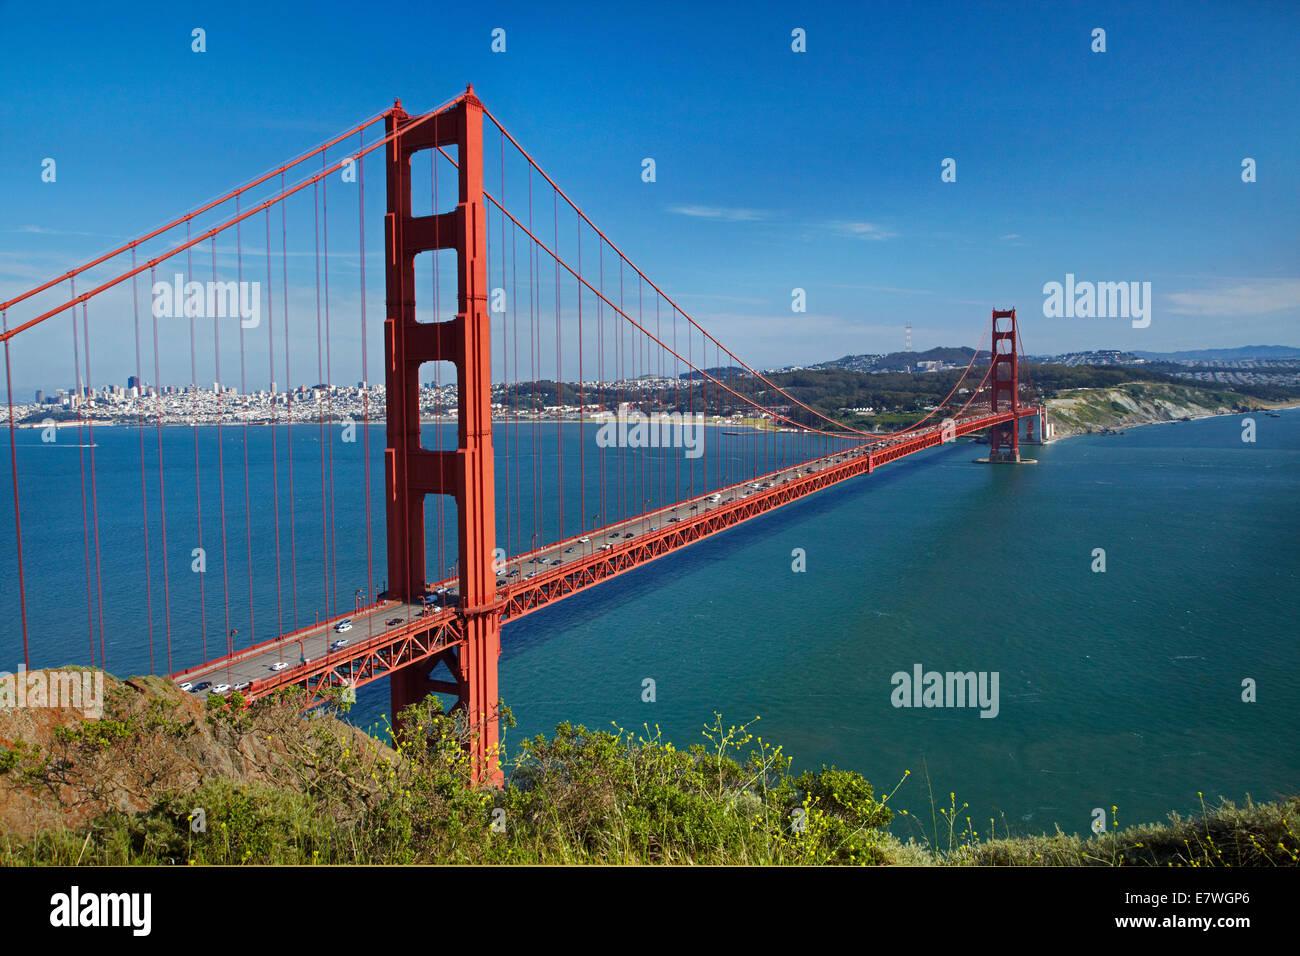 Golden Gate Bridge, San Francisco Bay, San Francisco, California, USA - Stock Image